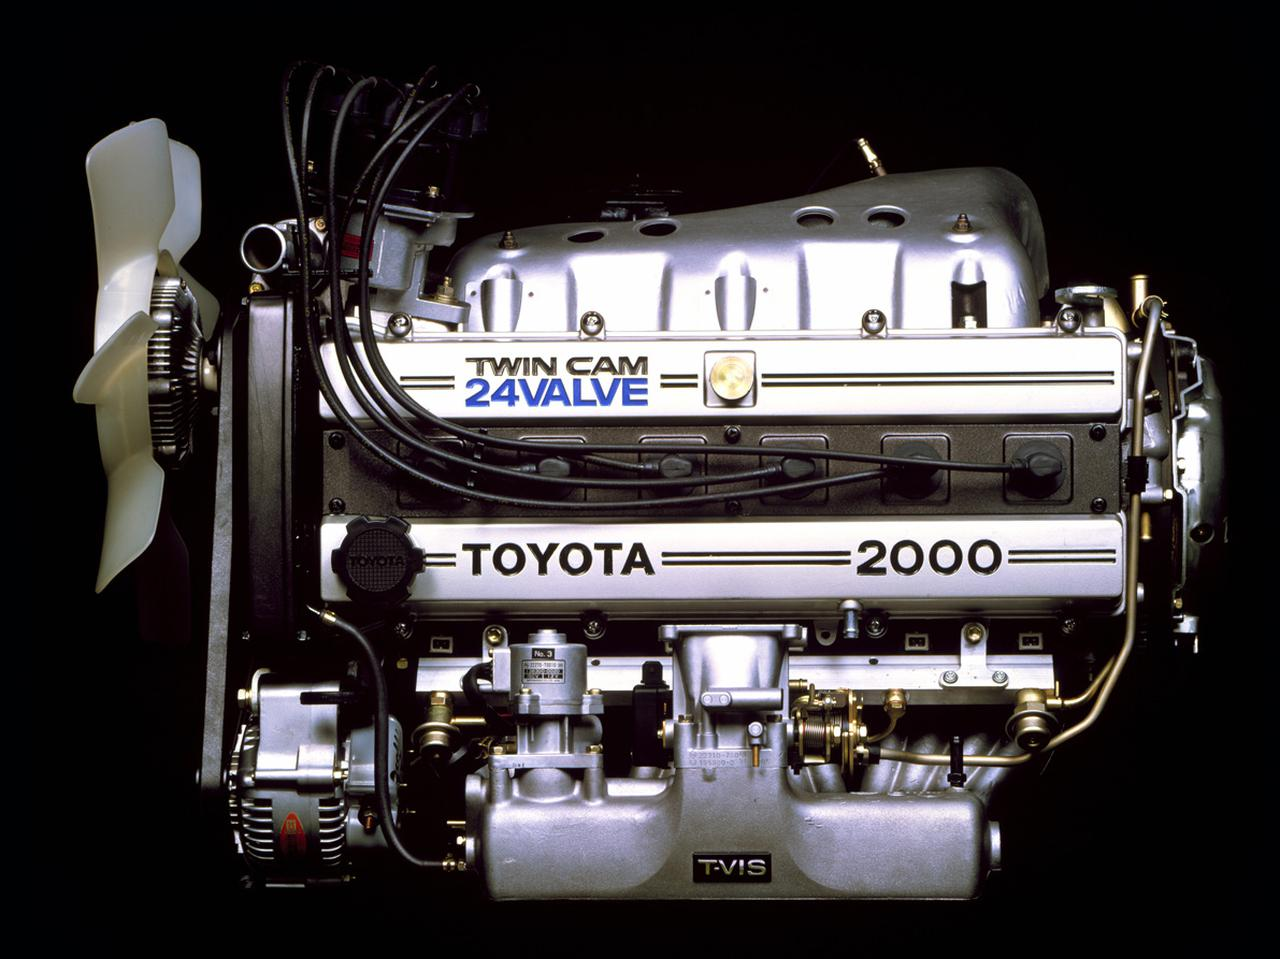 【昭和の名機(12)】2Lに特化してハイソカーブームの立役者となったトヨタ1G-GEU型とそのファミリー